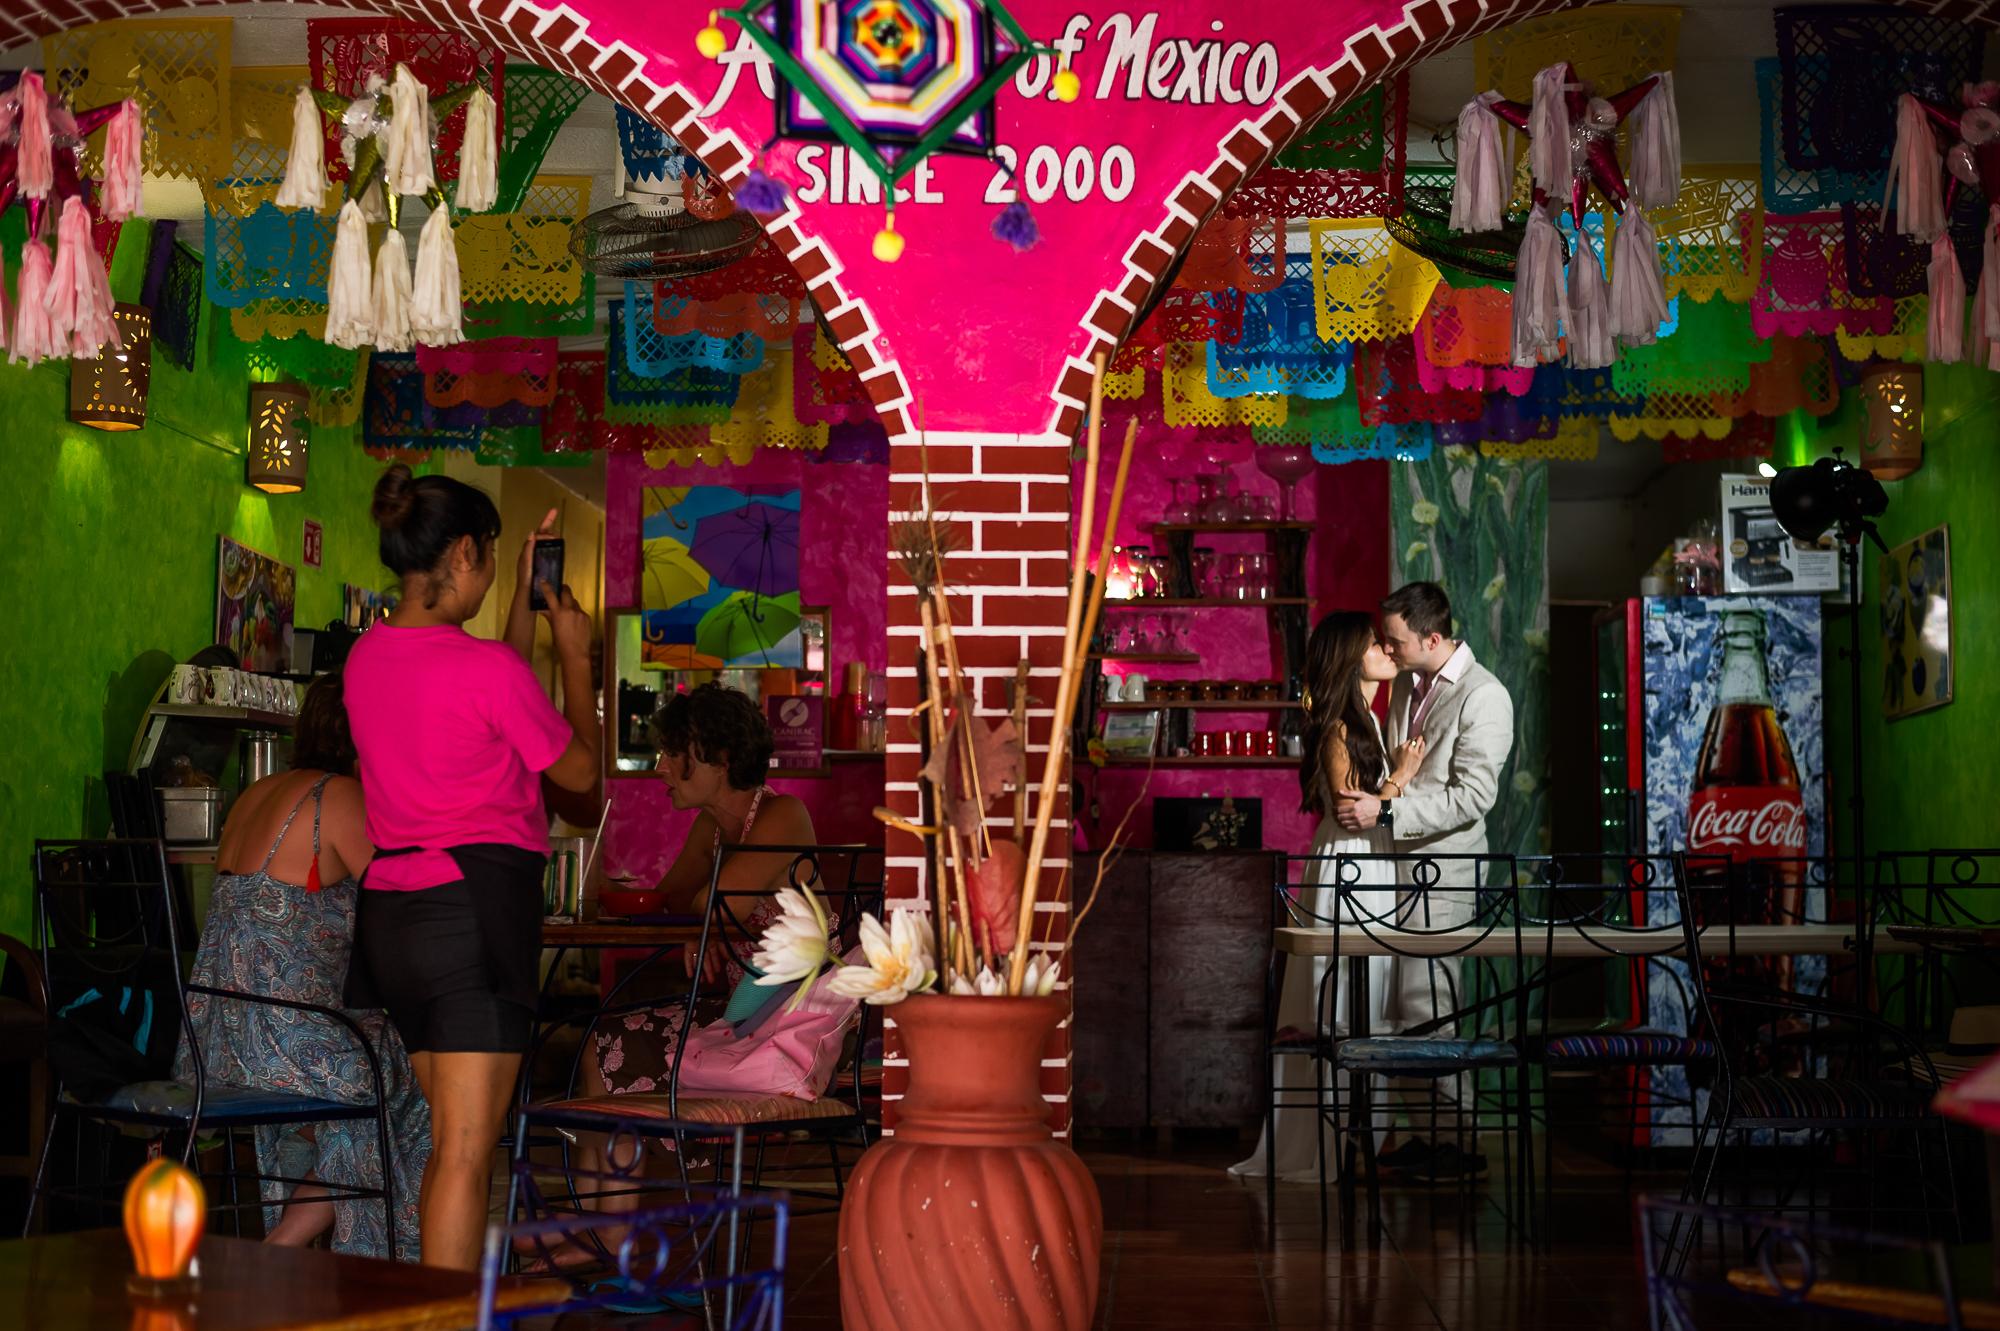 39-David Loi Studios - Cancun Mexico Engagement Session - Destination Engagement Session-24982 - Copy.jpg